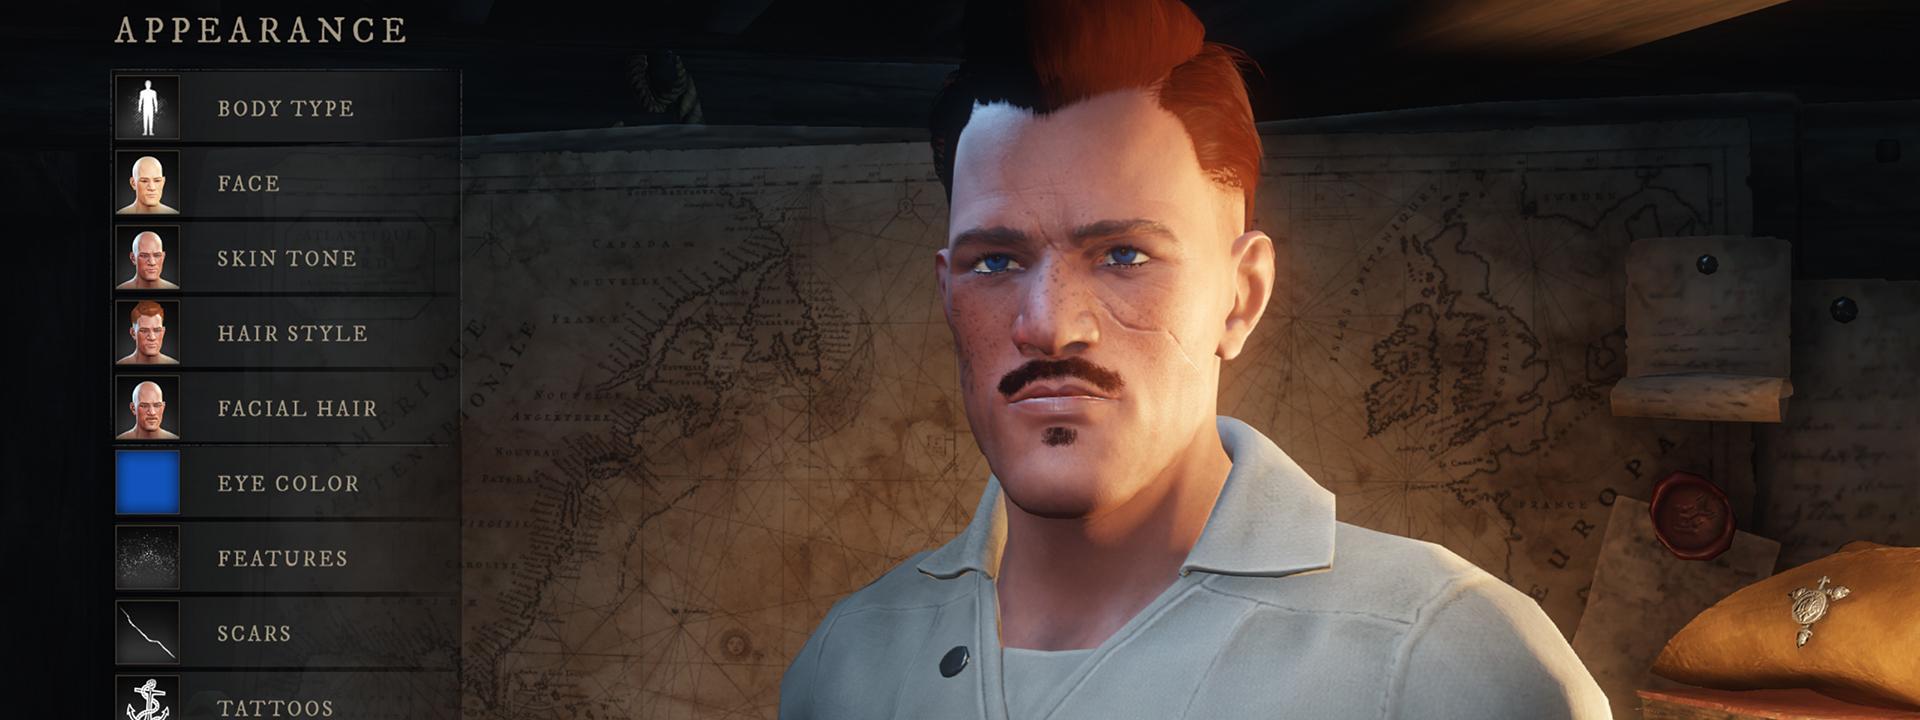 Снимок экрана интерфейса настройки персонажа, на котором изображен человек со светлой кожей, причесанными волосами, небольшими усиками и бородой.